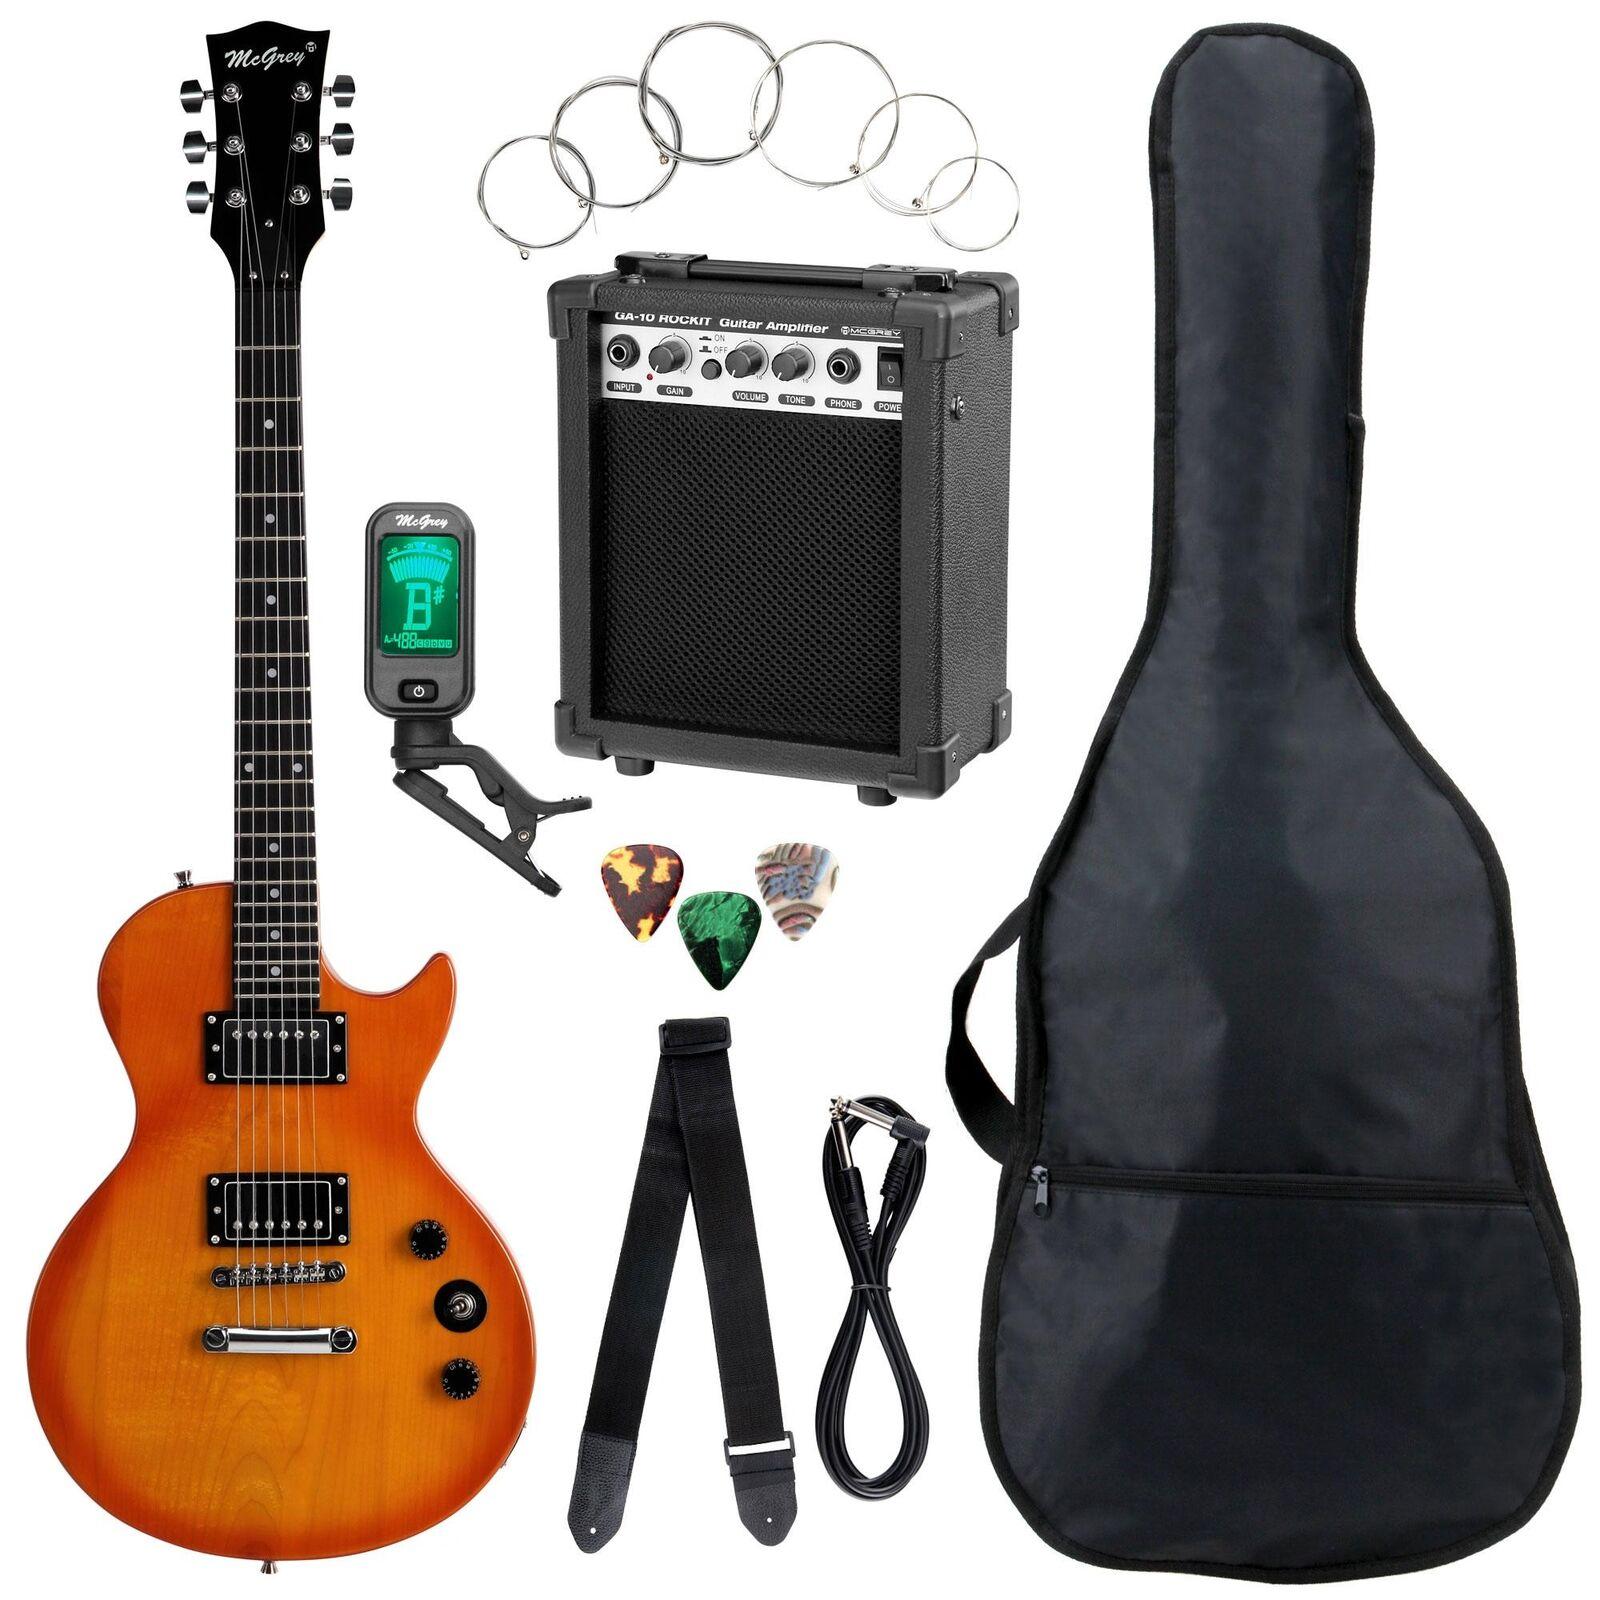 Top Einsteiger E-Gitarre Set Orange Burst mit Verstärker, Tuner, Gigbag & Gurt